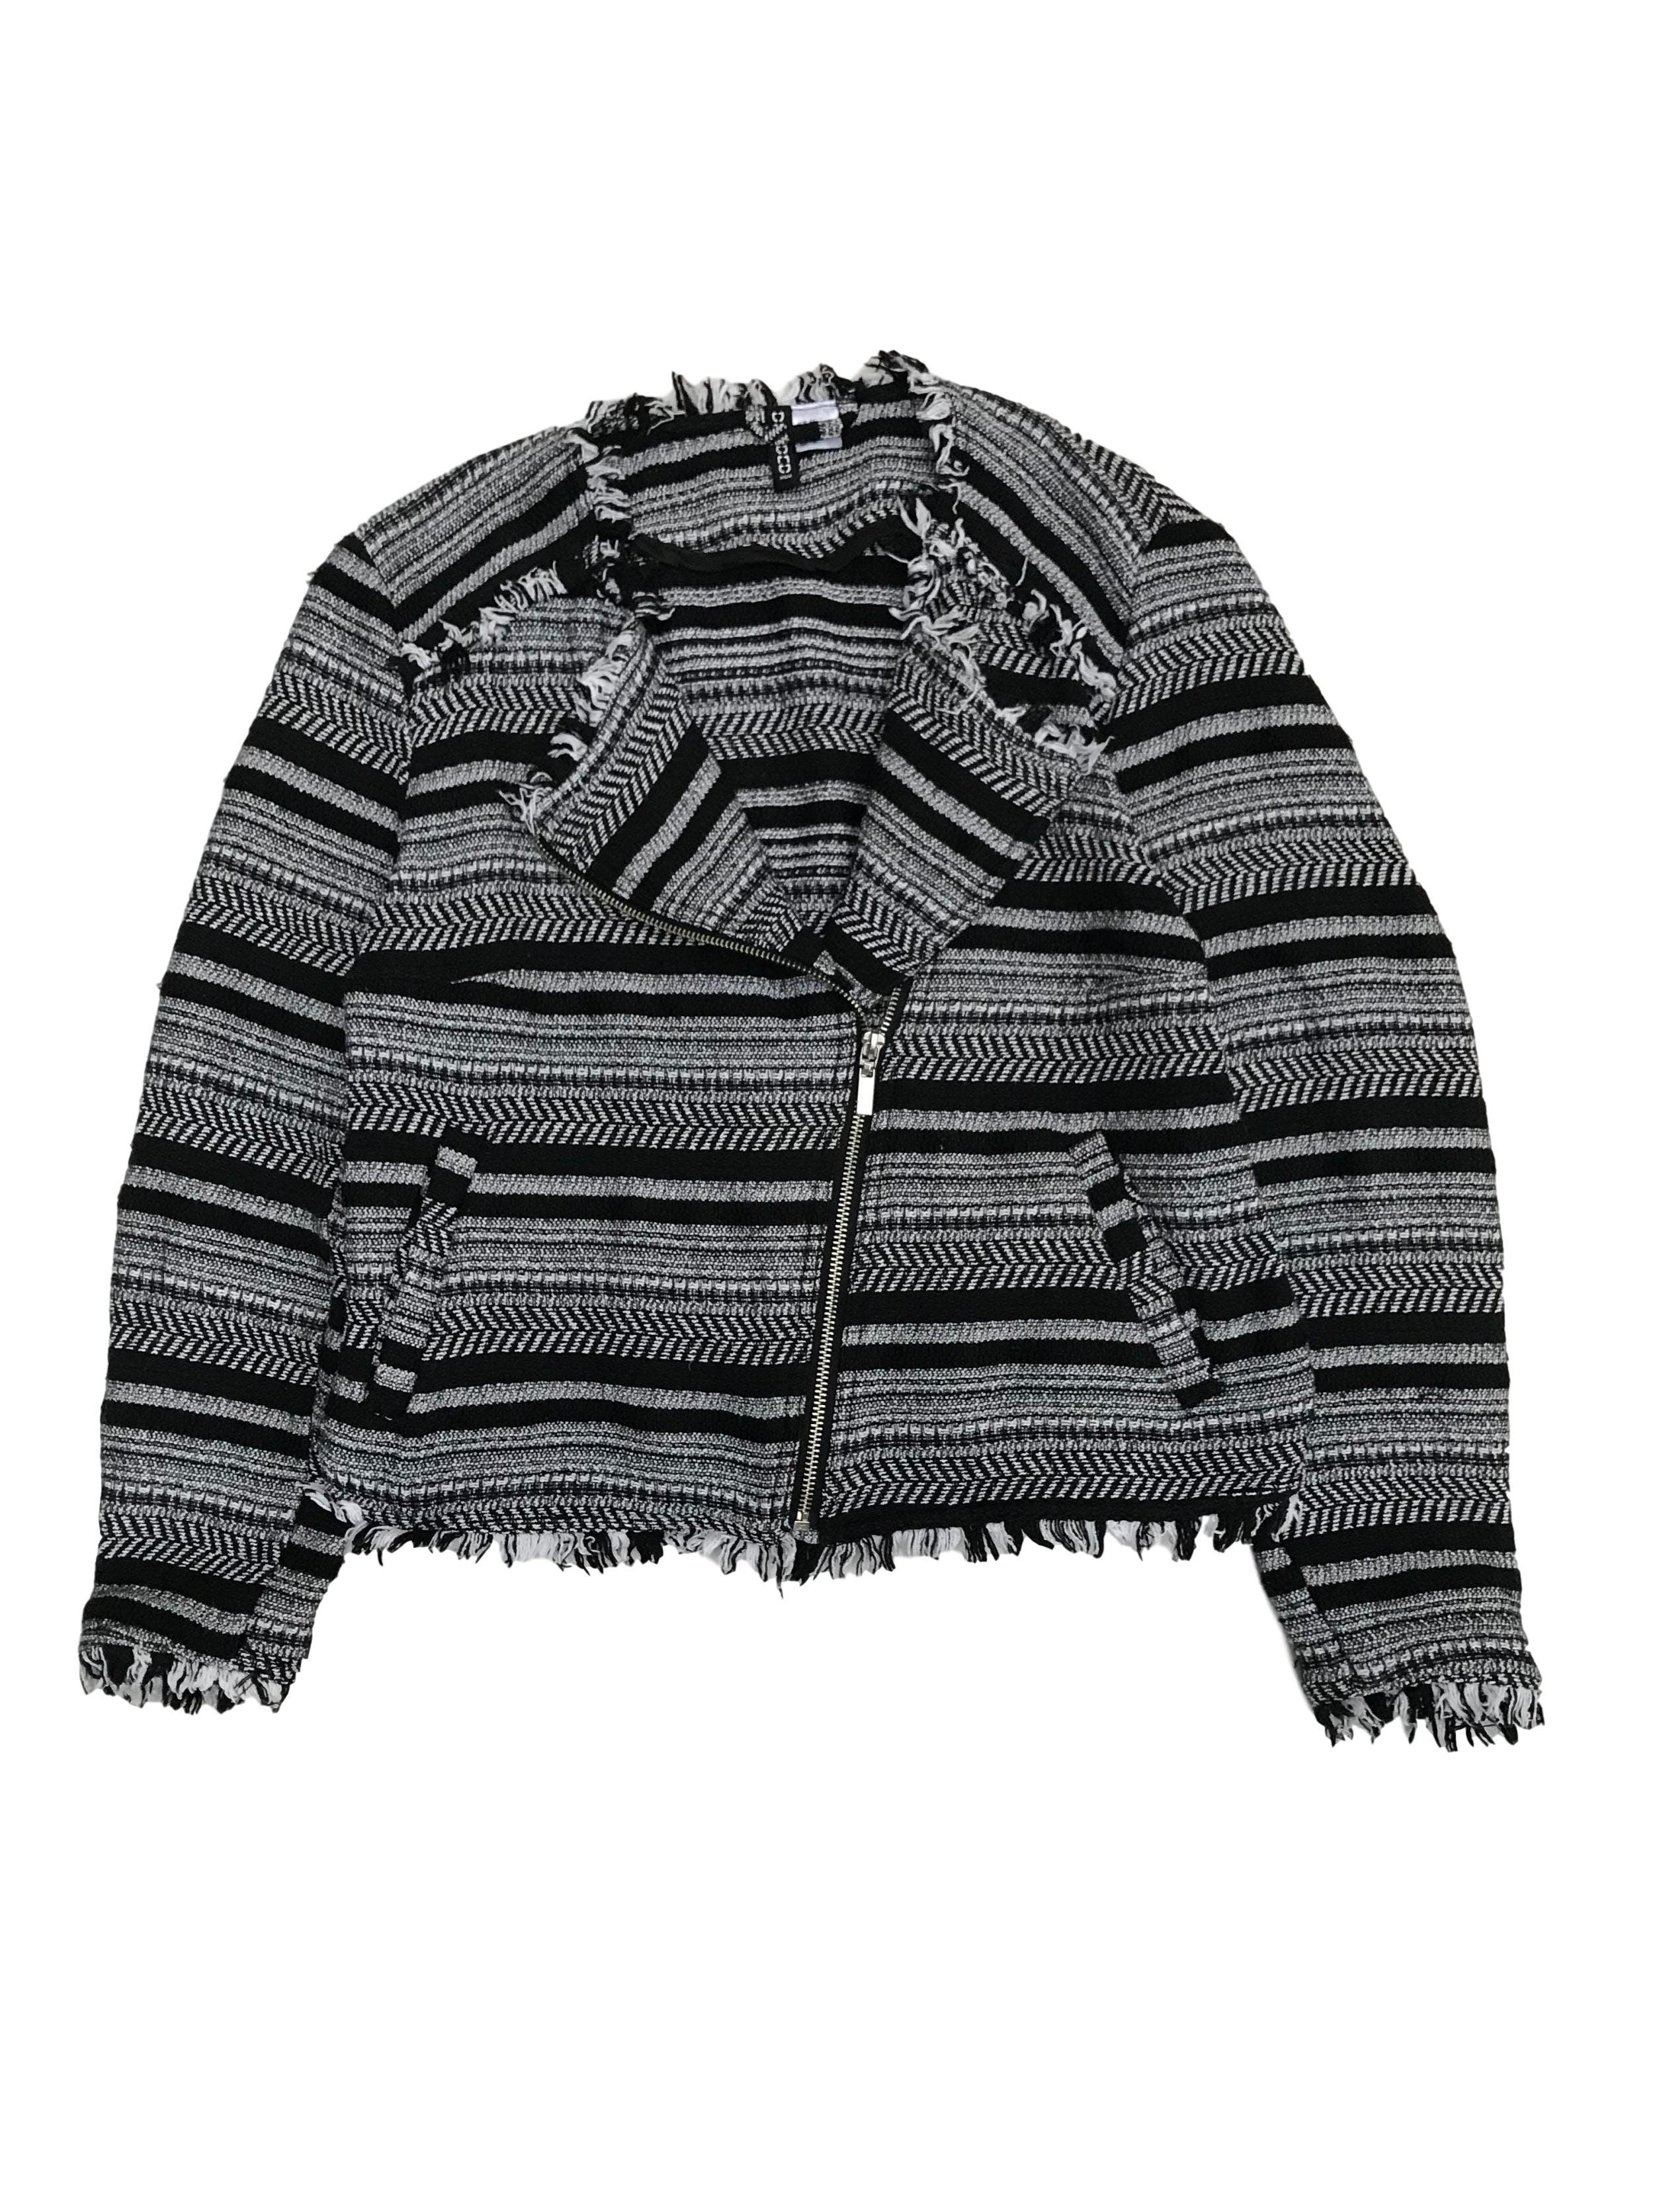 Casaca corta H&M estilo biker de 98% algodón tipo tejido con bordes desflecados